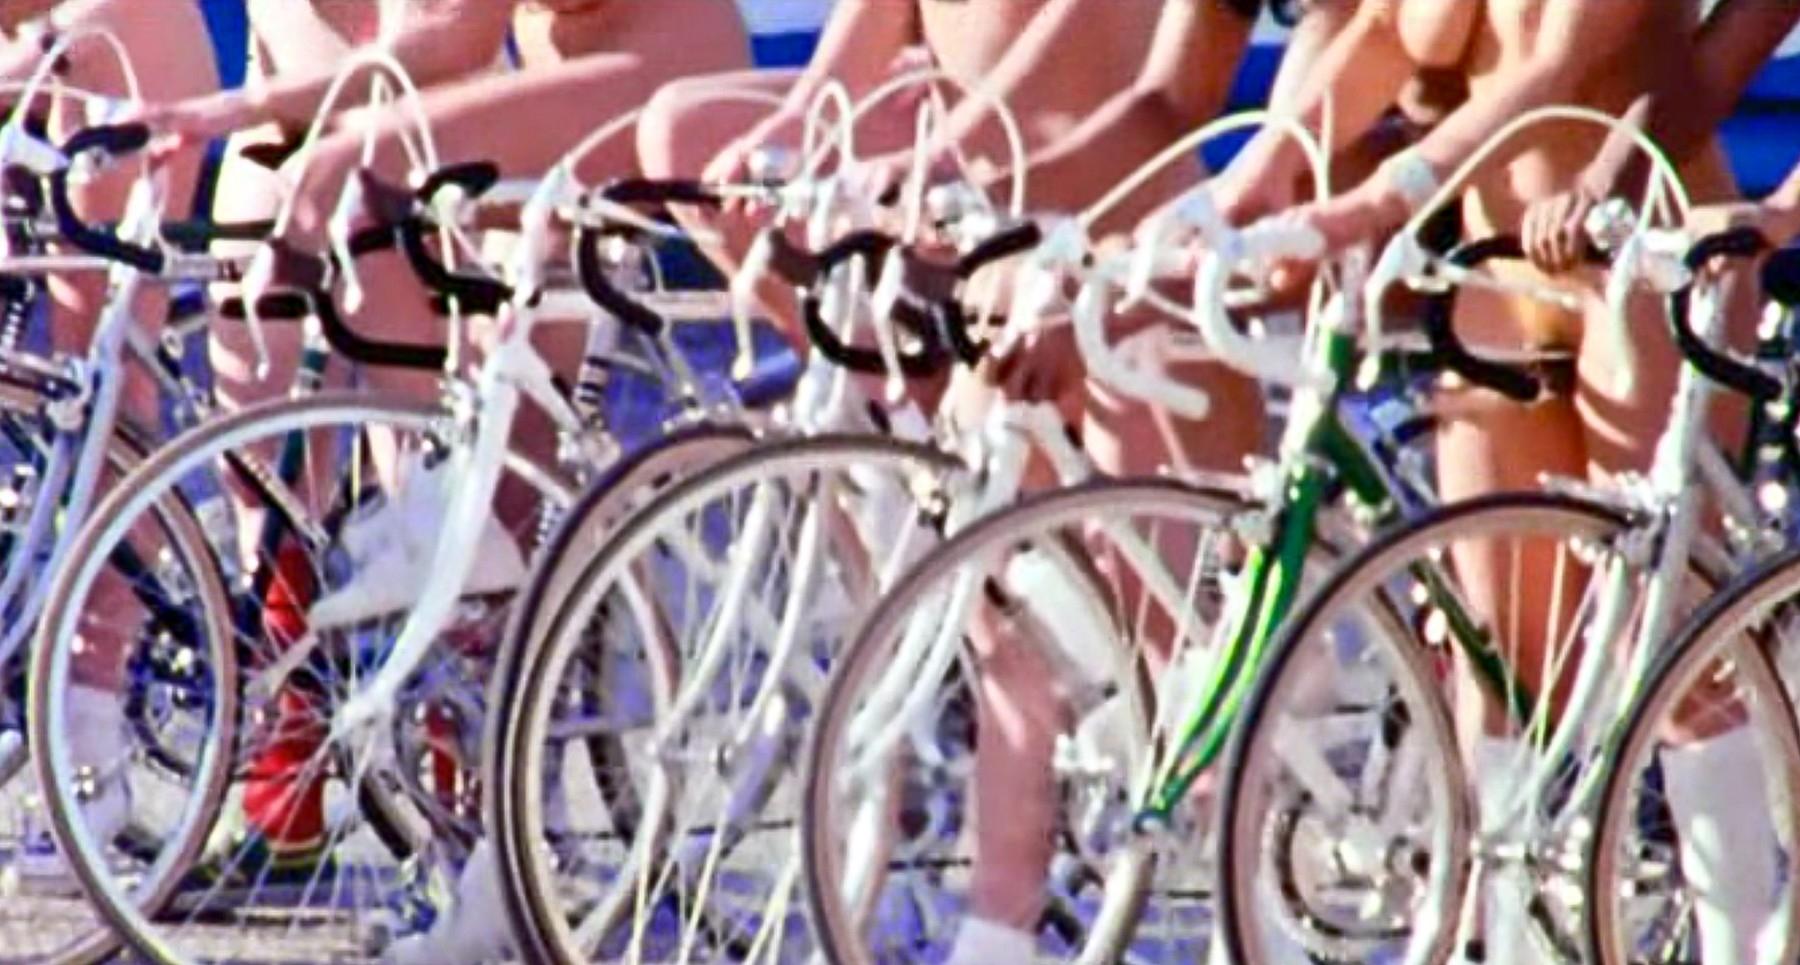 Pomyslný závod nahých cyklistek byl v mnoha zemích zakázán. Ale skupina Queen nápad několikrát oživila. Foto: profimedia